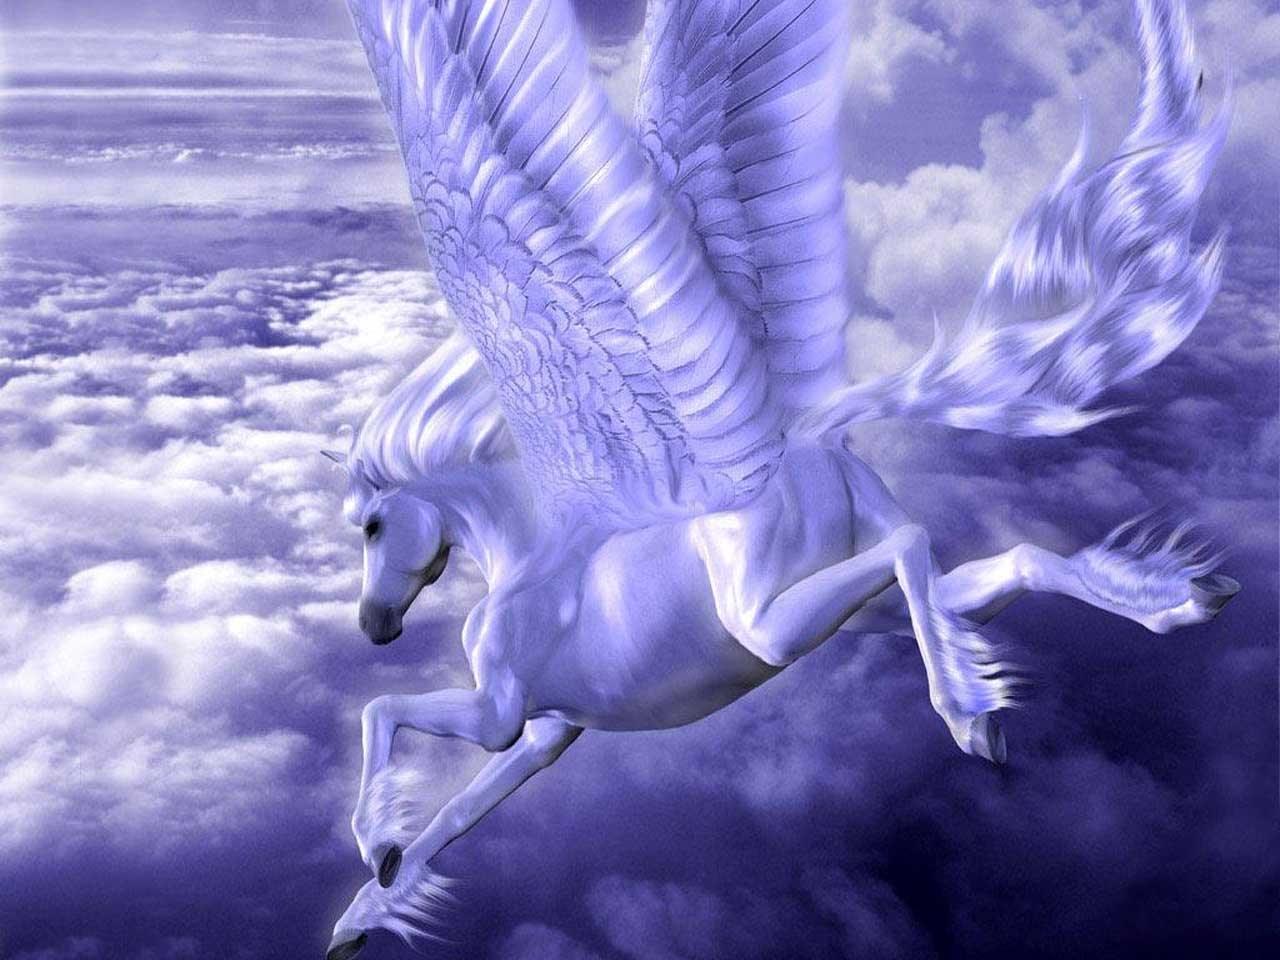 25425 скачать обои Животные, Фэнтези, Небо, Лошади, Облака - заставки и картинки бесплатно